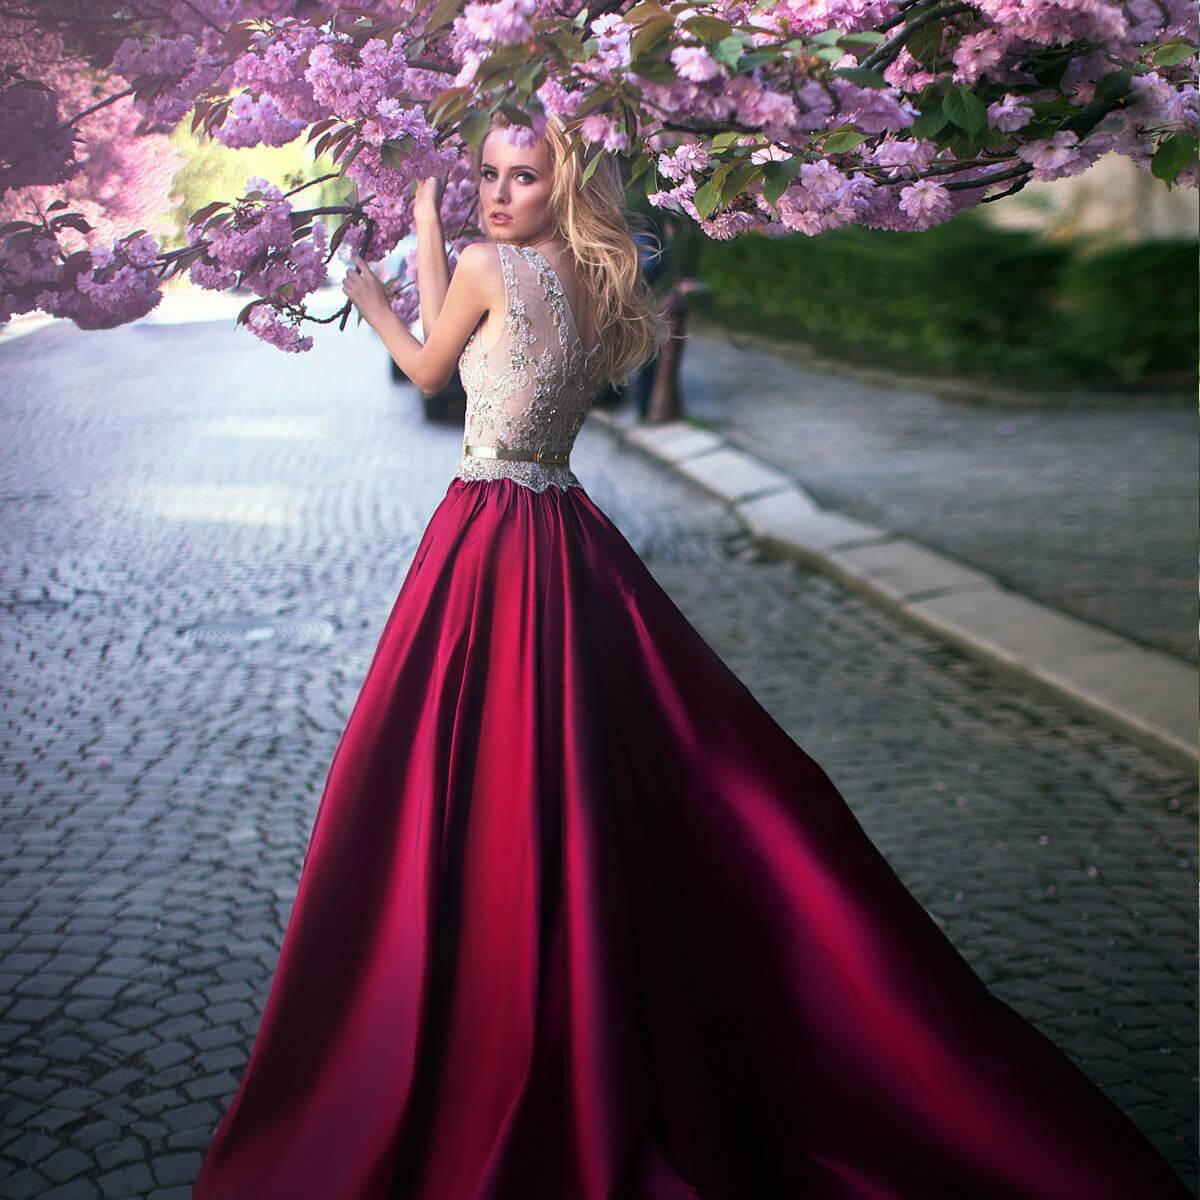 22d6b5f7d5e Коллекции свадебных платьев Посмотреть · Вечерние платья от салона Dress Me  в Киеве